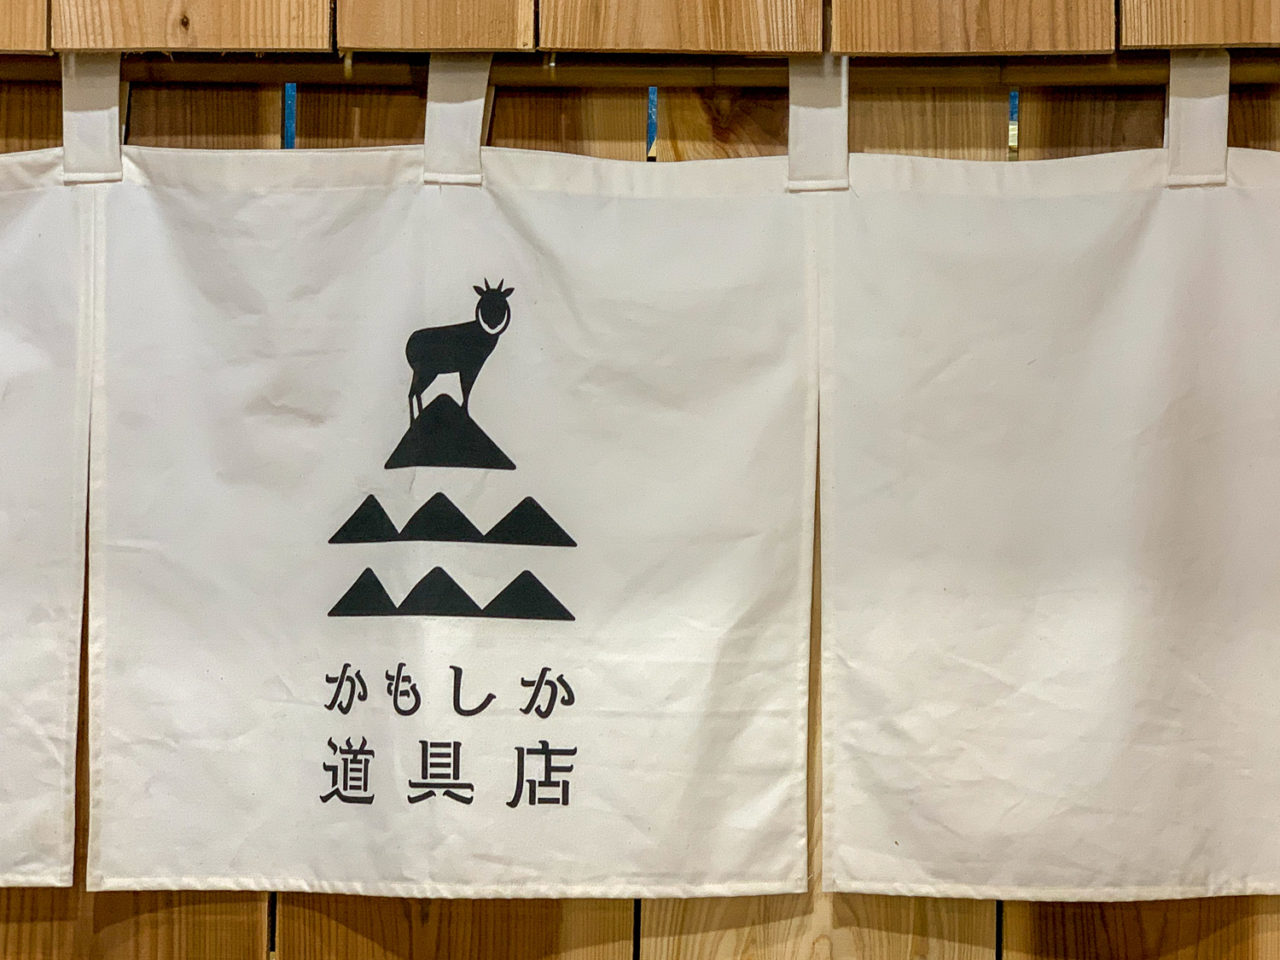 かもしか道具店6